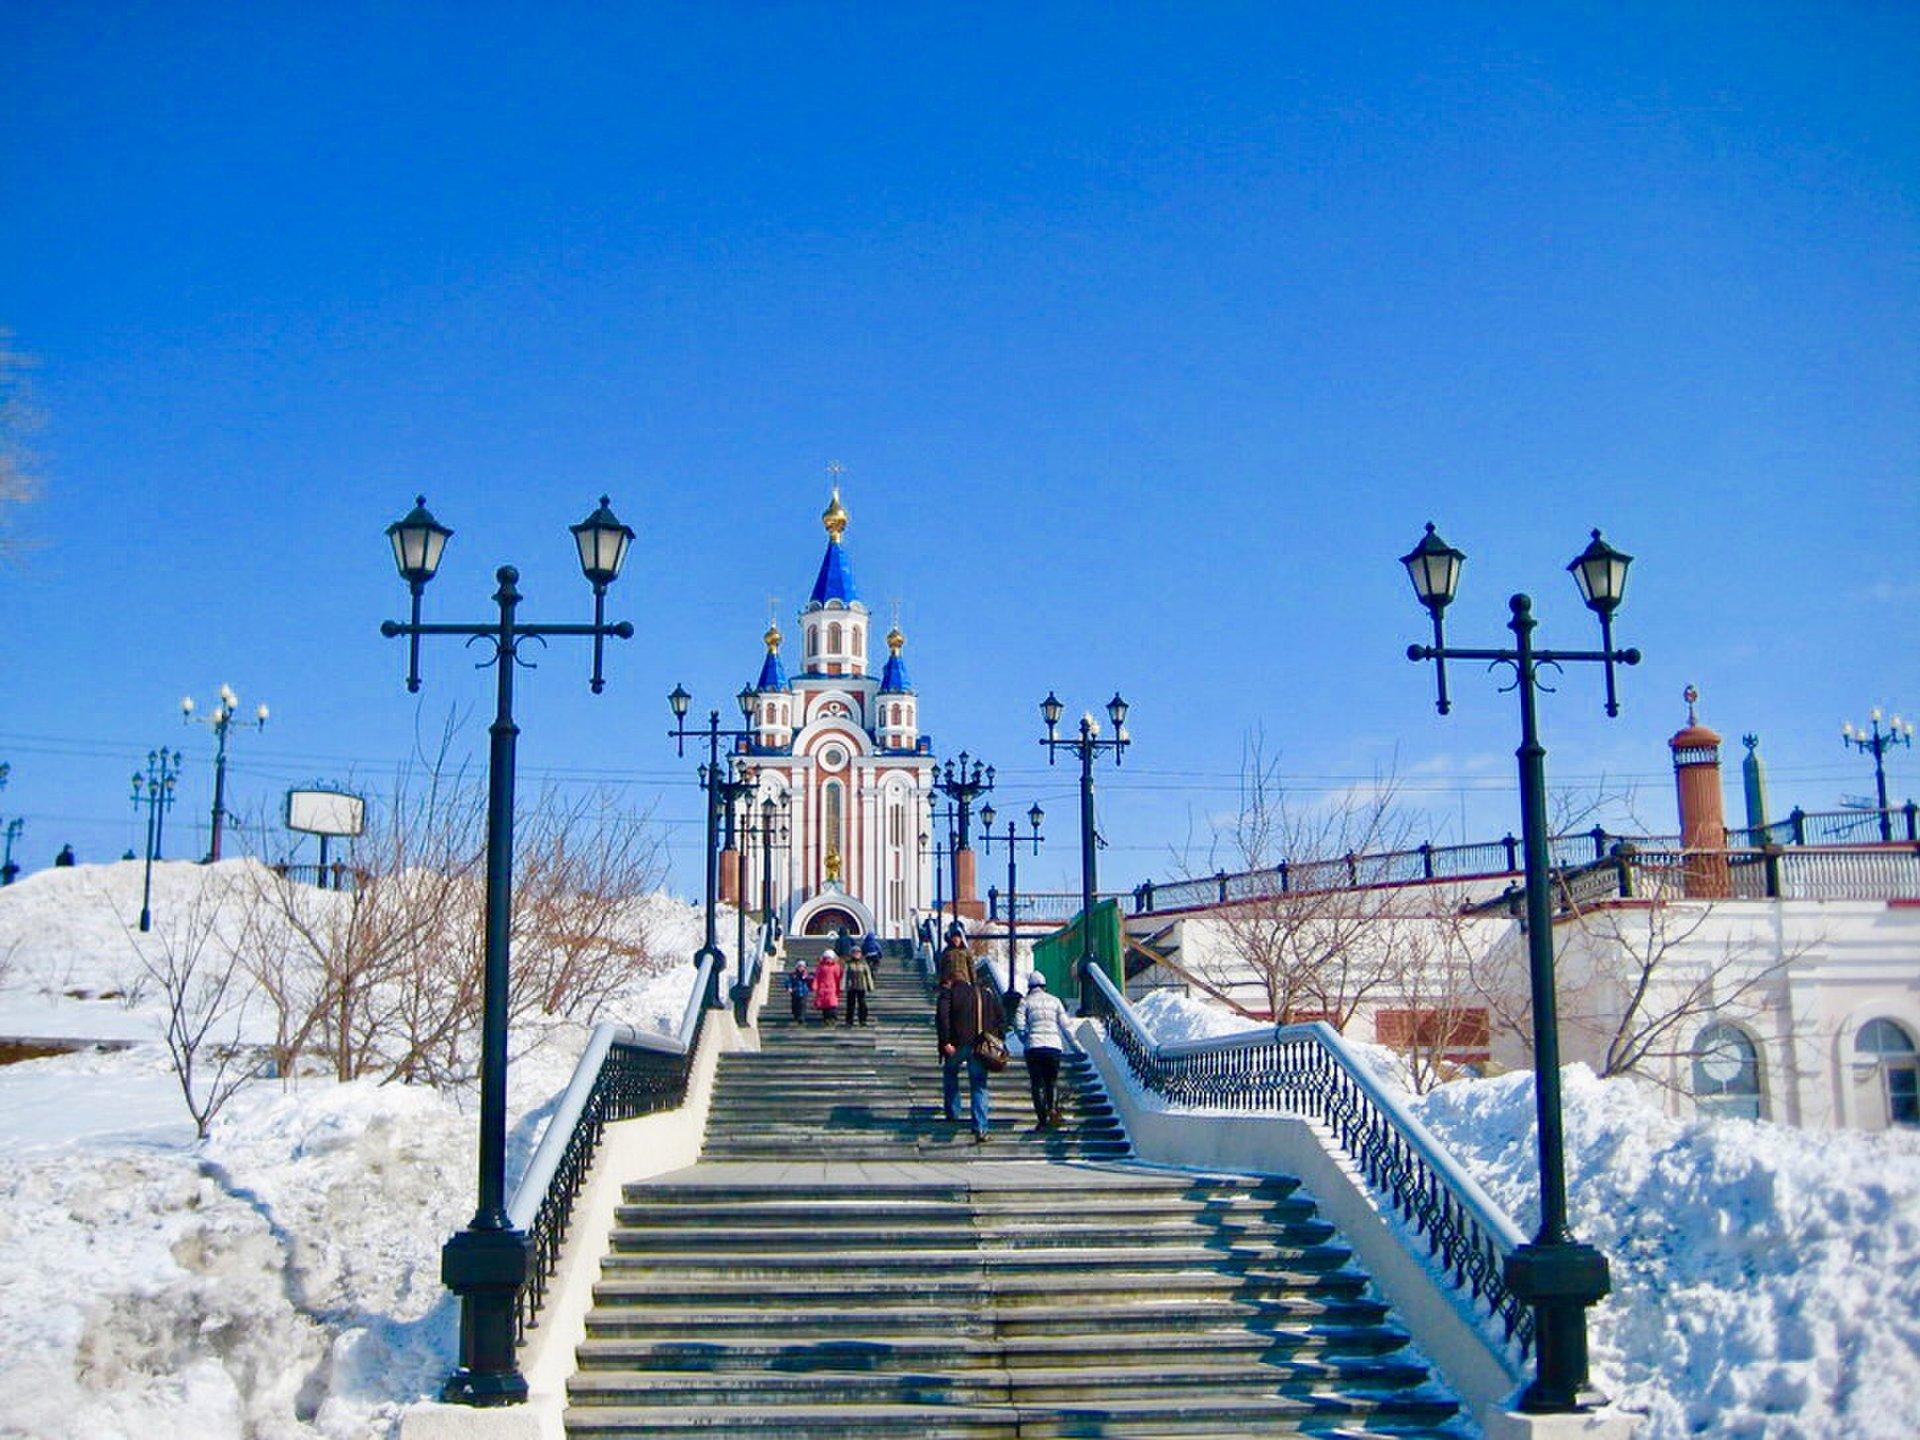 極東探検へ行こう 極東の都ハバロフスク市へ ガチガチに凍ったアムール川と2つの大聖堂を巡る